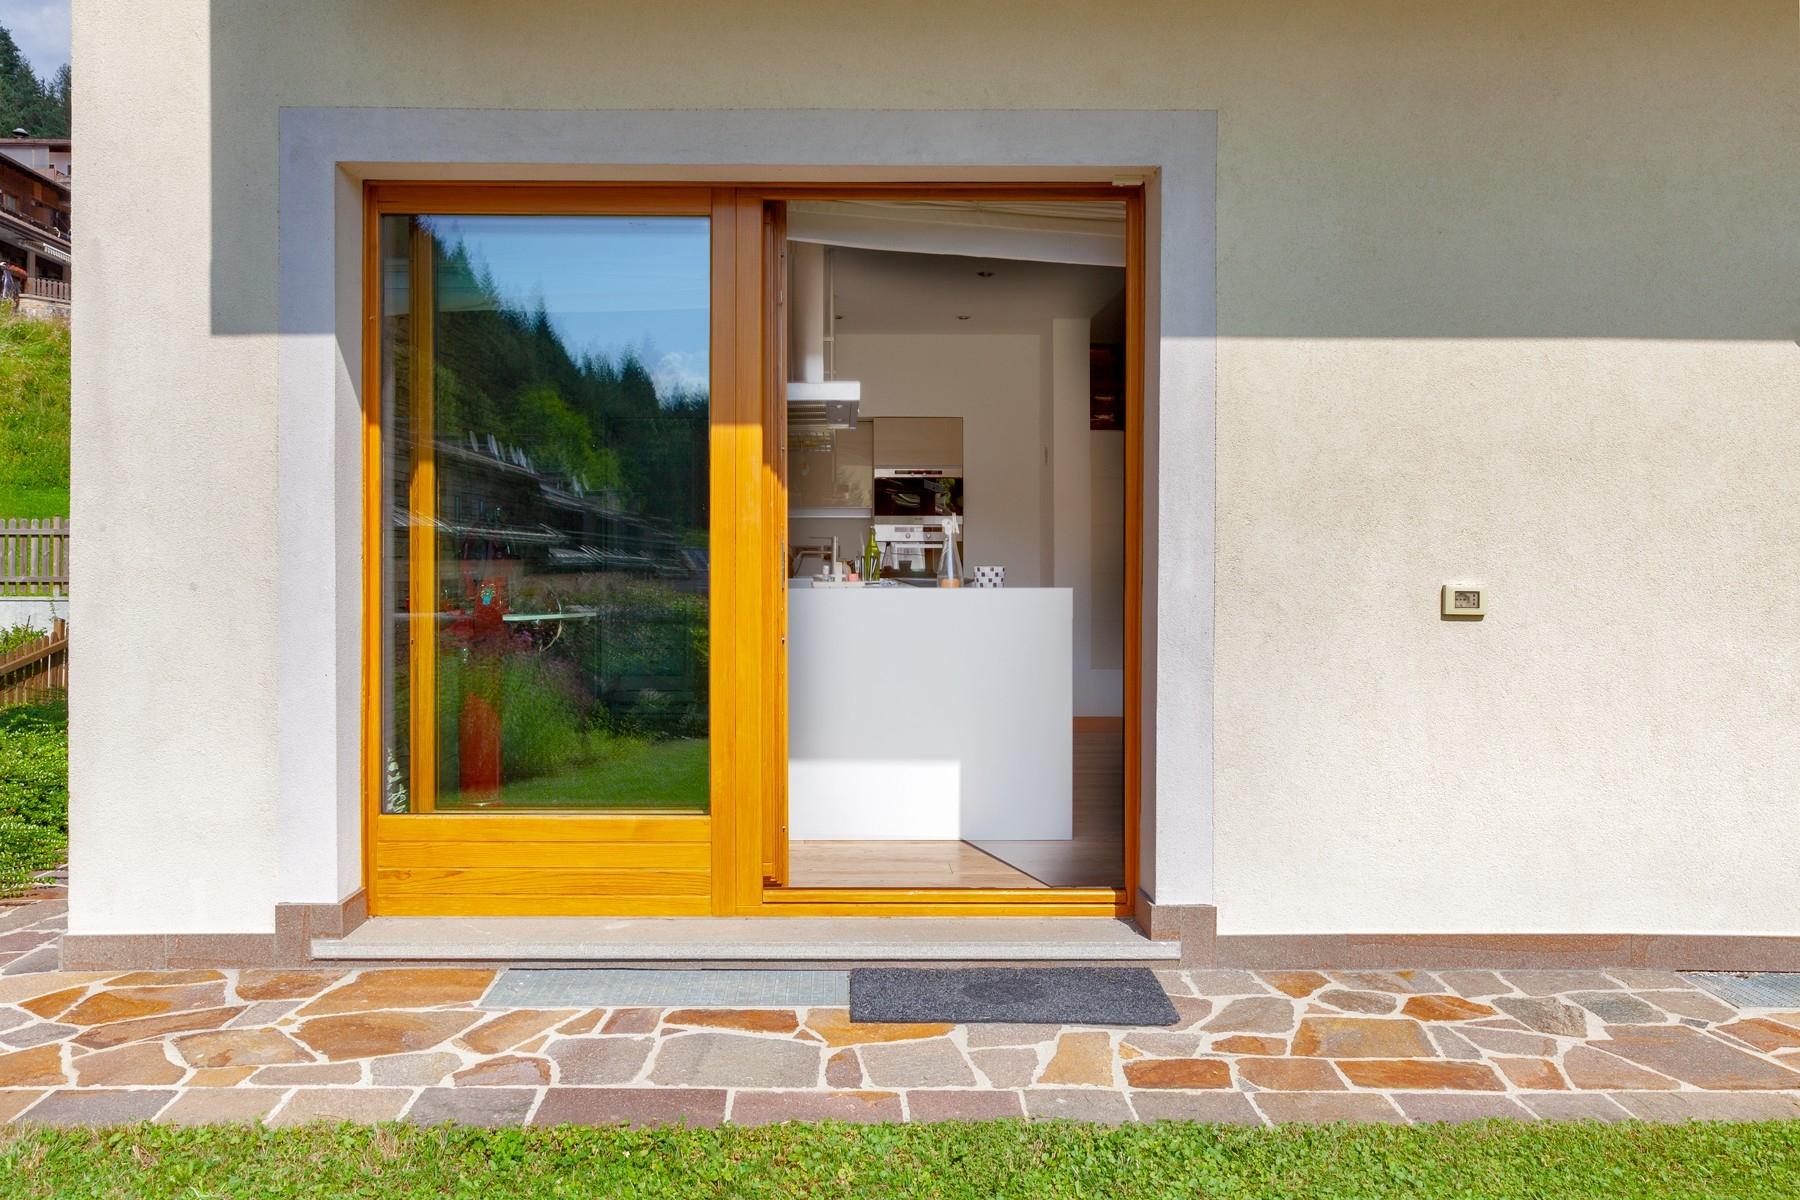 Casa indipendente in Vendita a Tarvisio: 5 locali, 300 mq - Foto 1